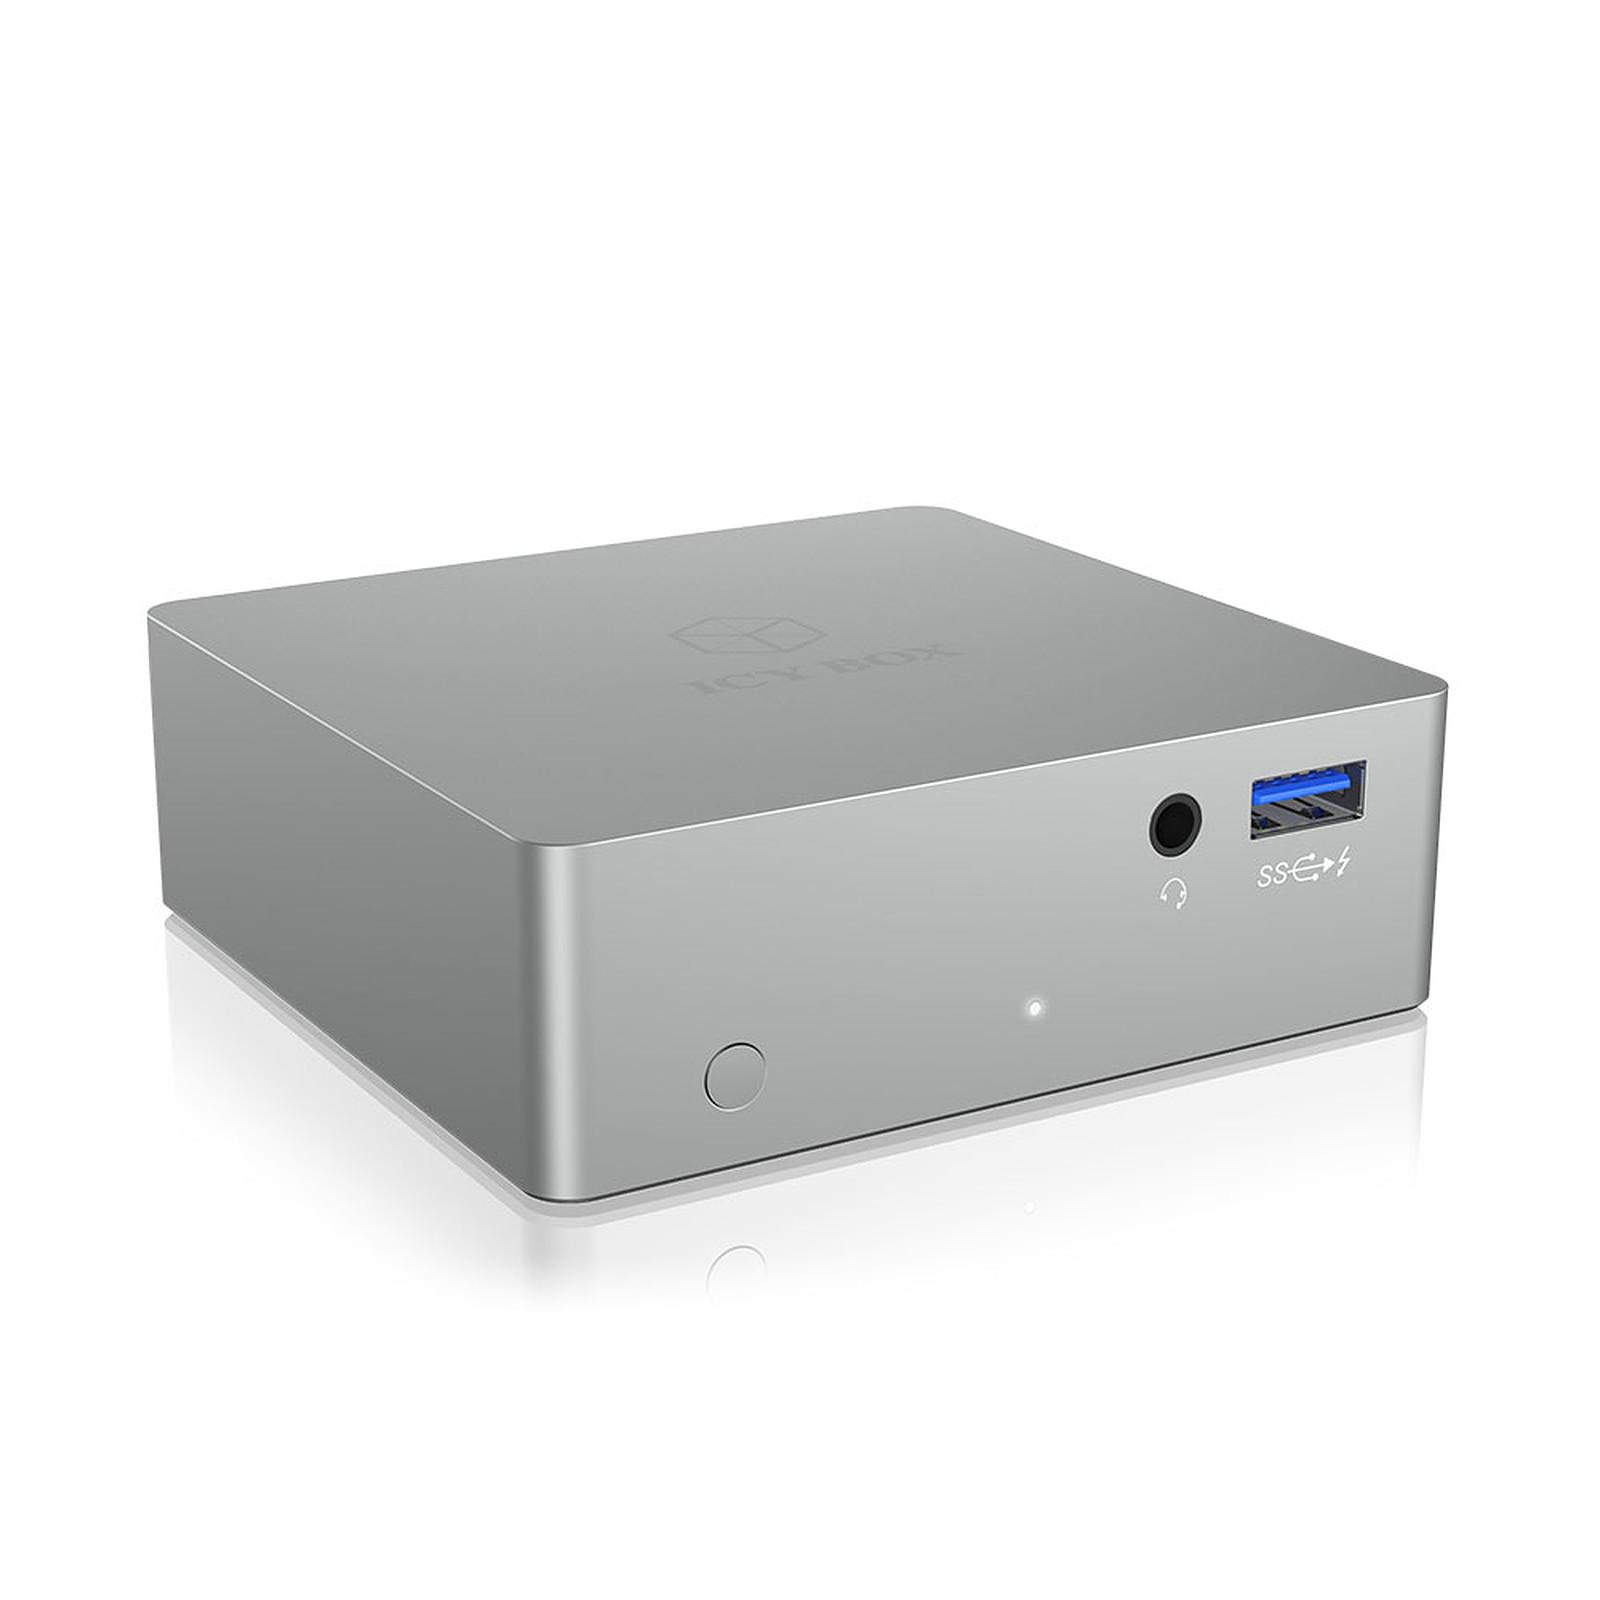 ICY BOX IB-DK2301-C